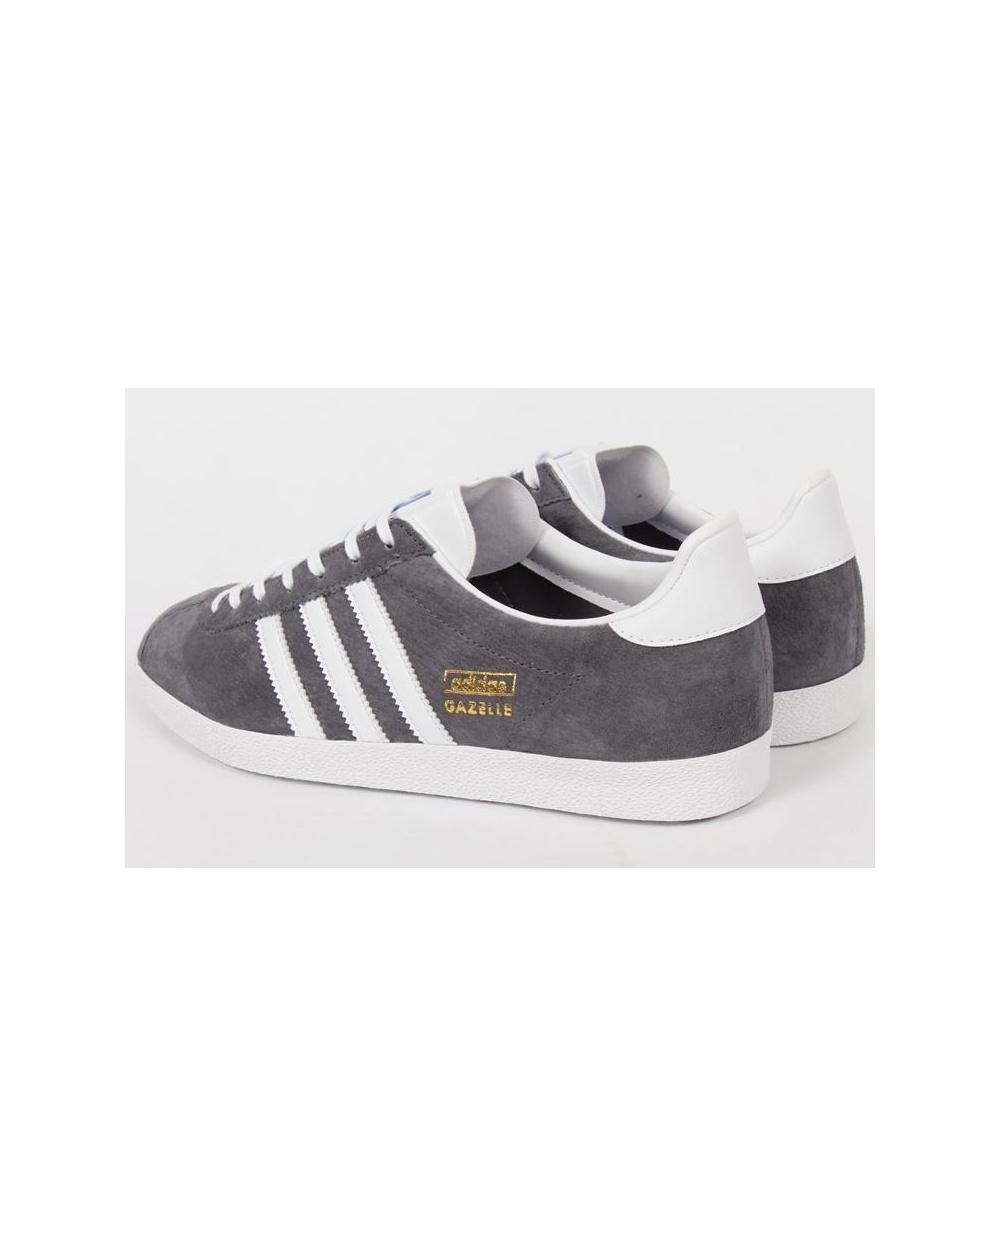 adidas gazelle og grey white